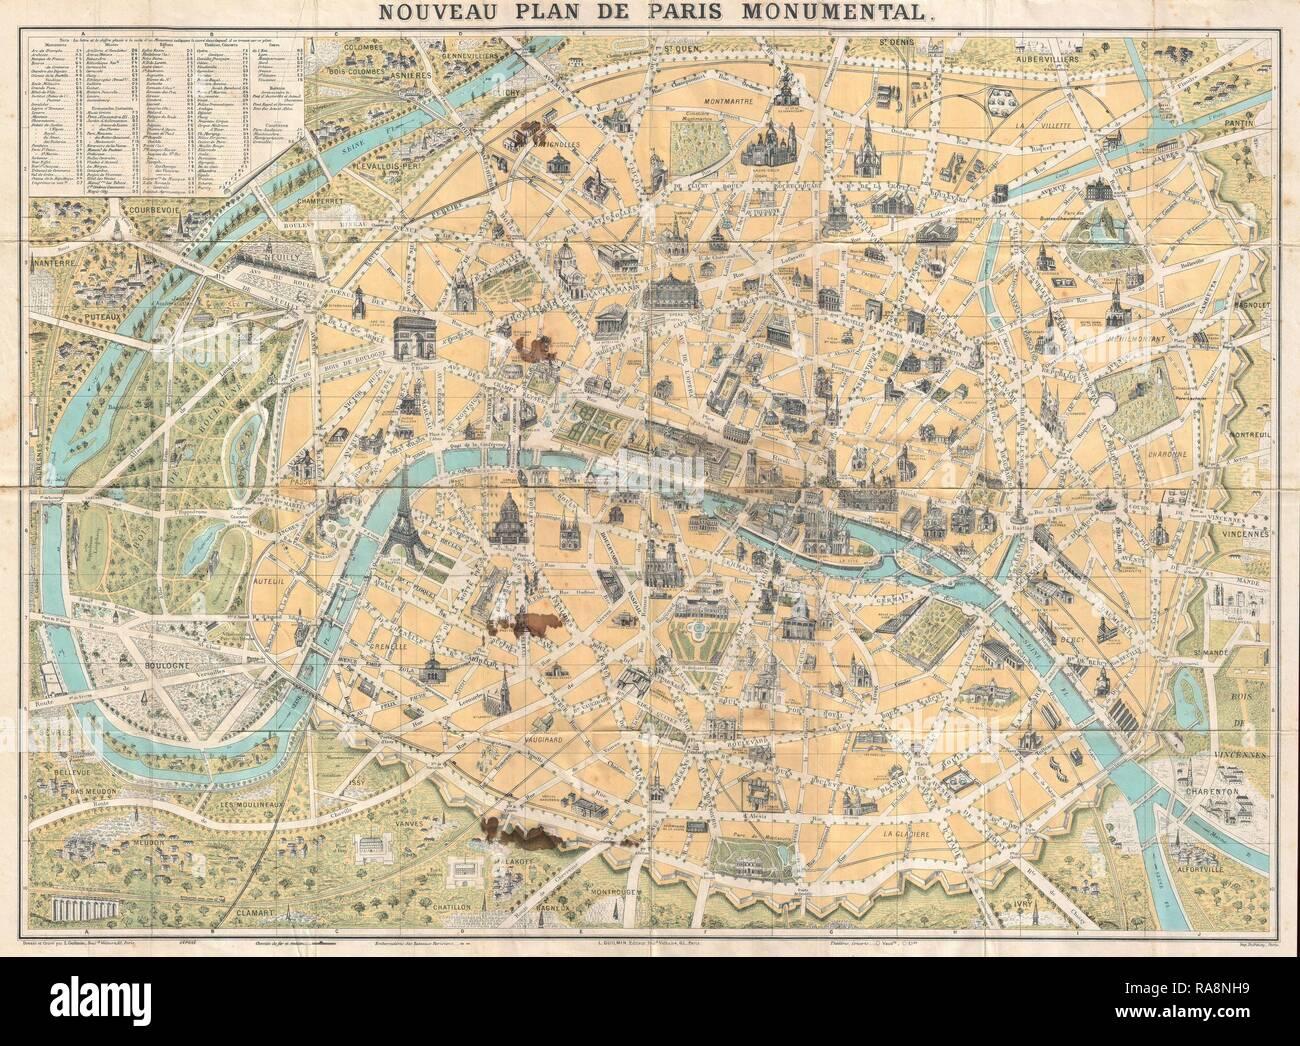 PARIS Frankreich Seine Landkarte city map 1892 on